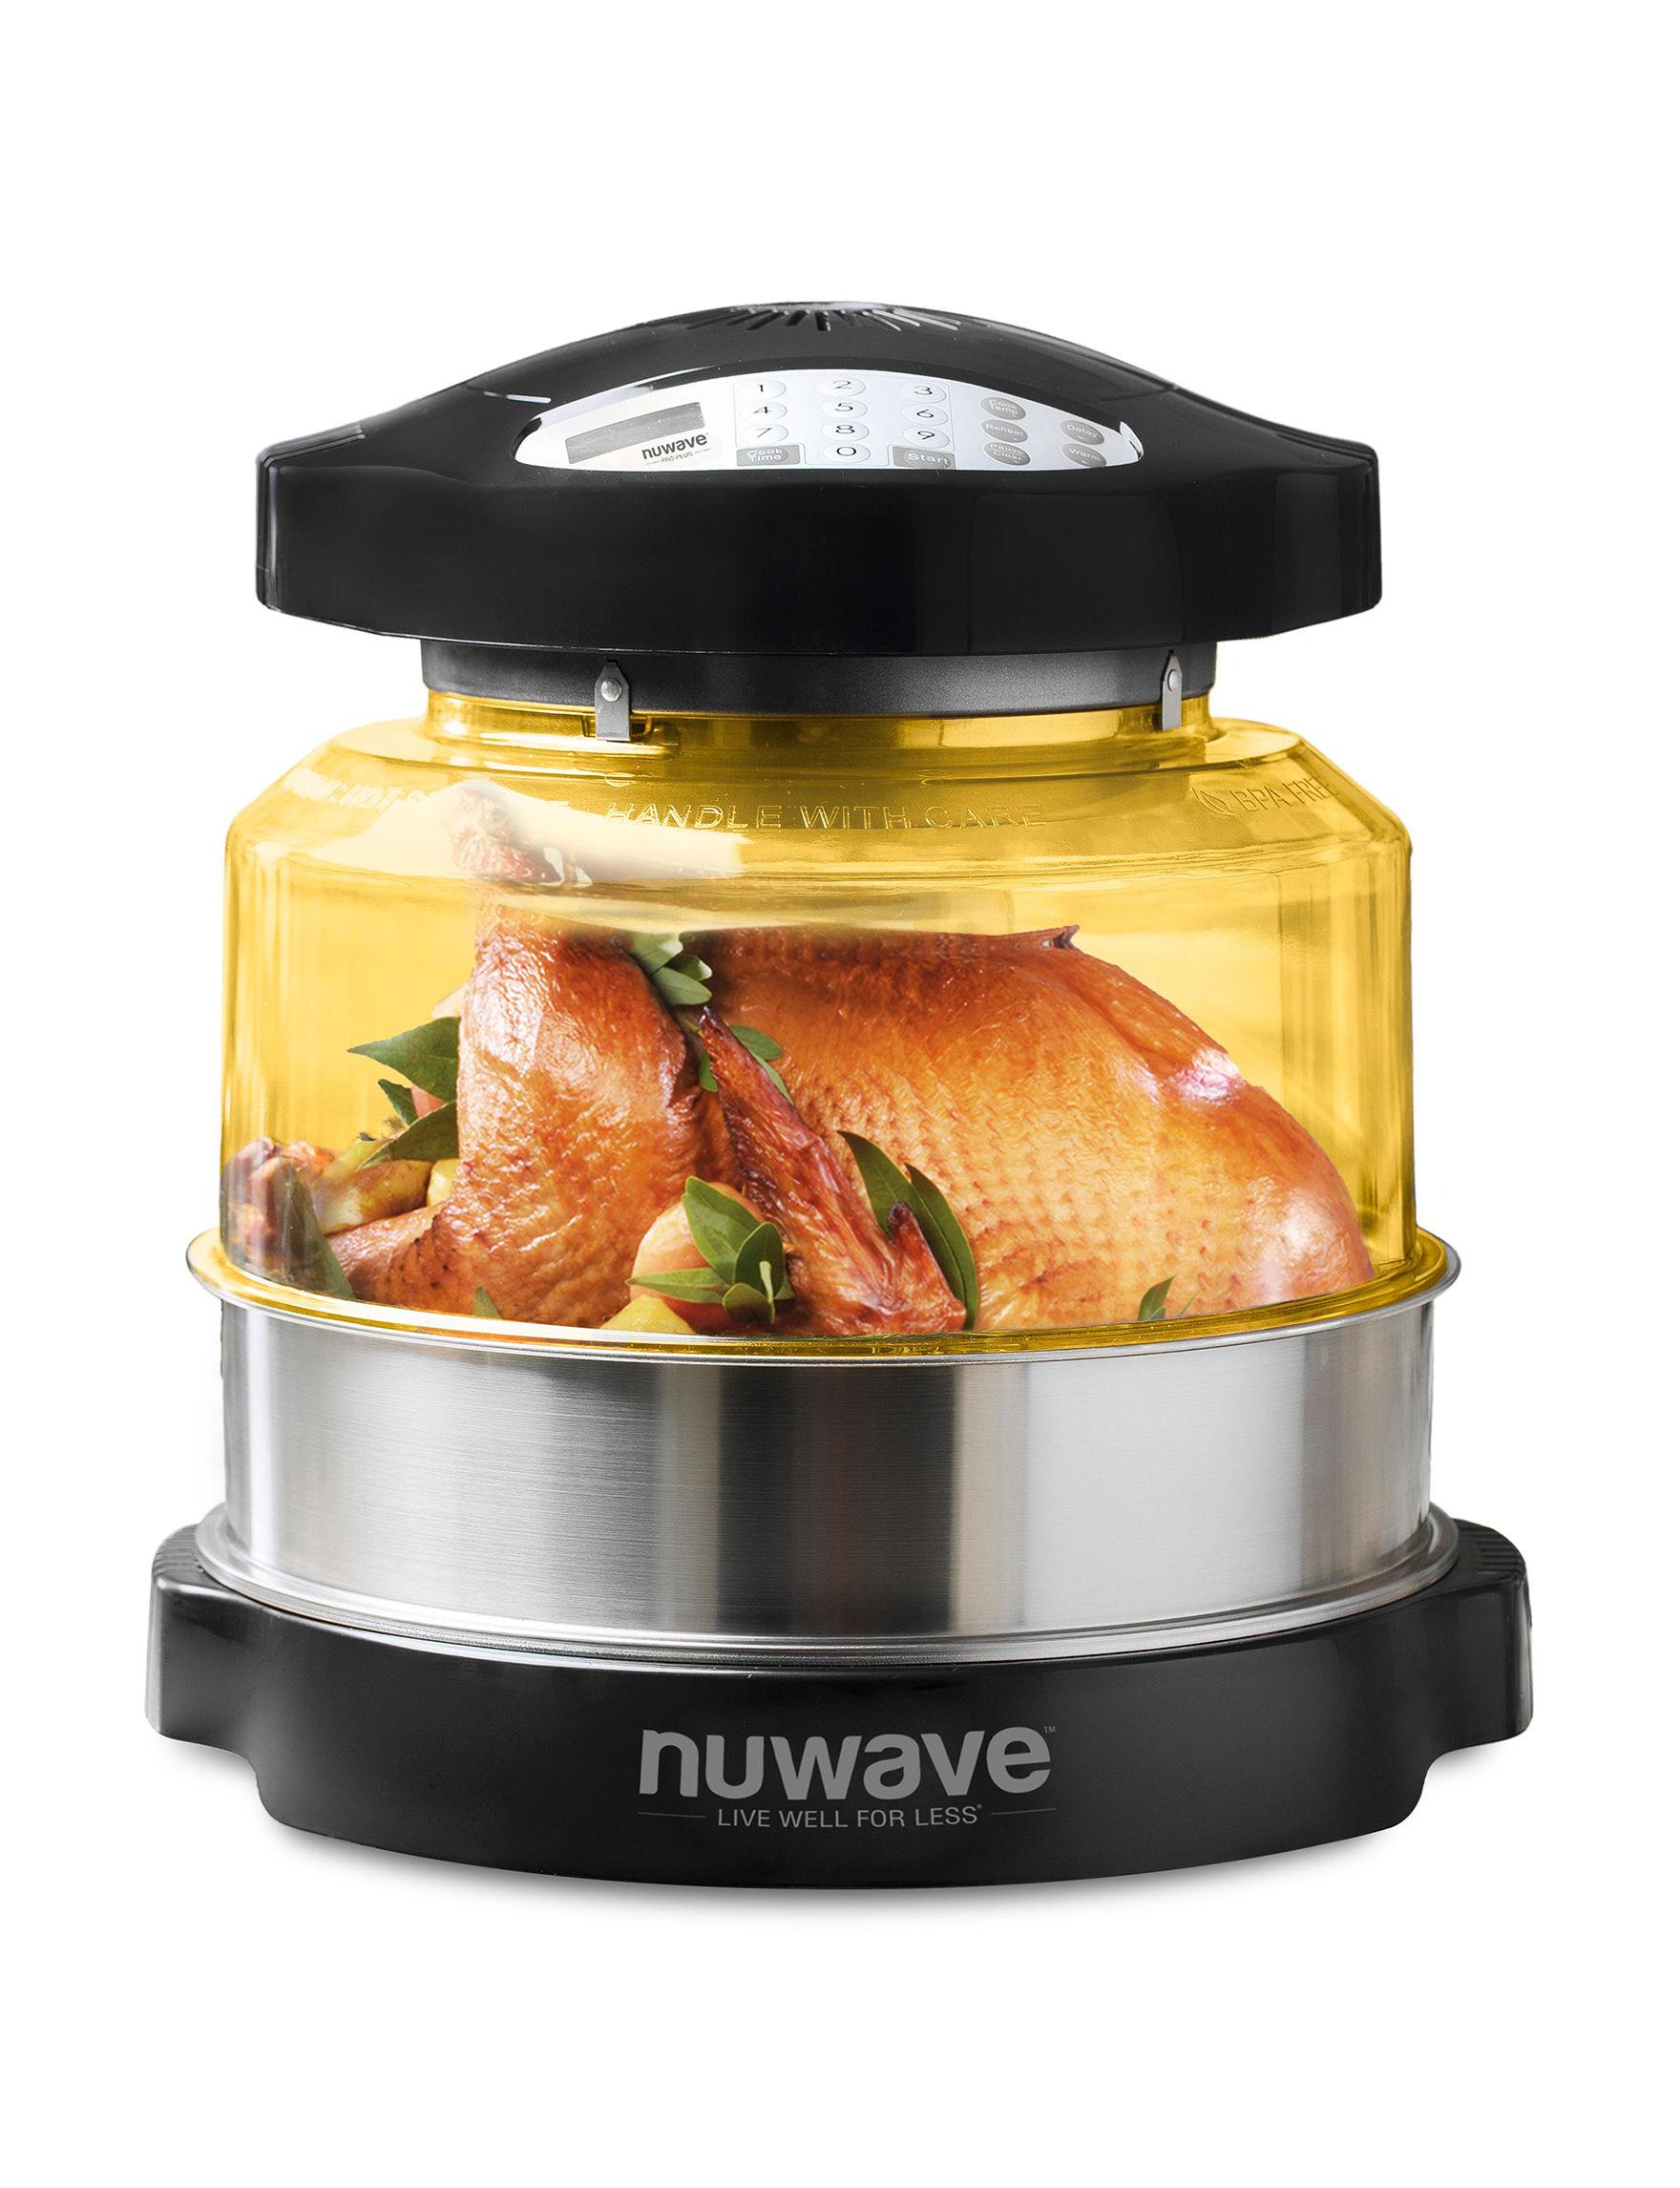 NuWave Black Toasters & Toaster Ovens